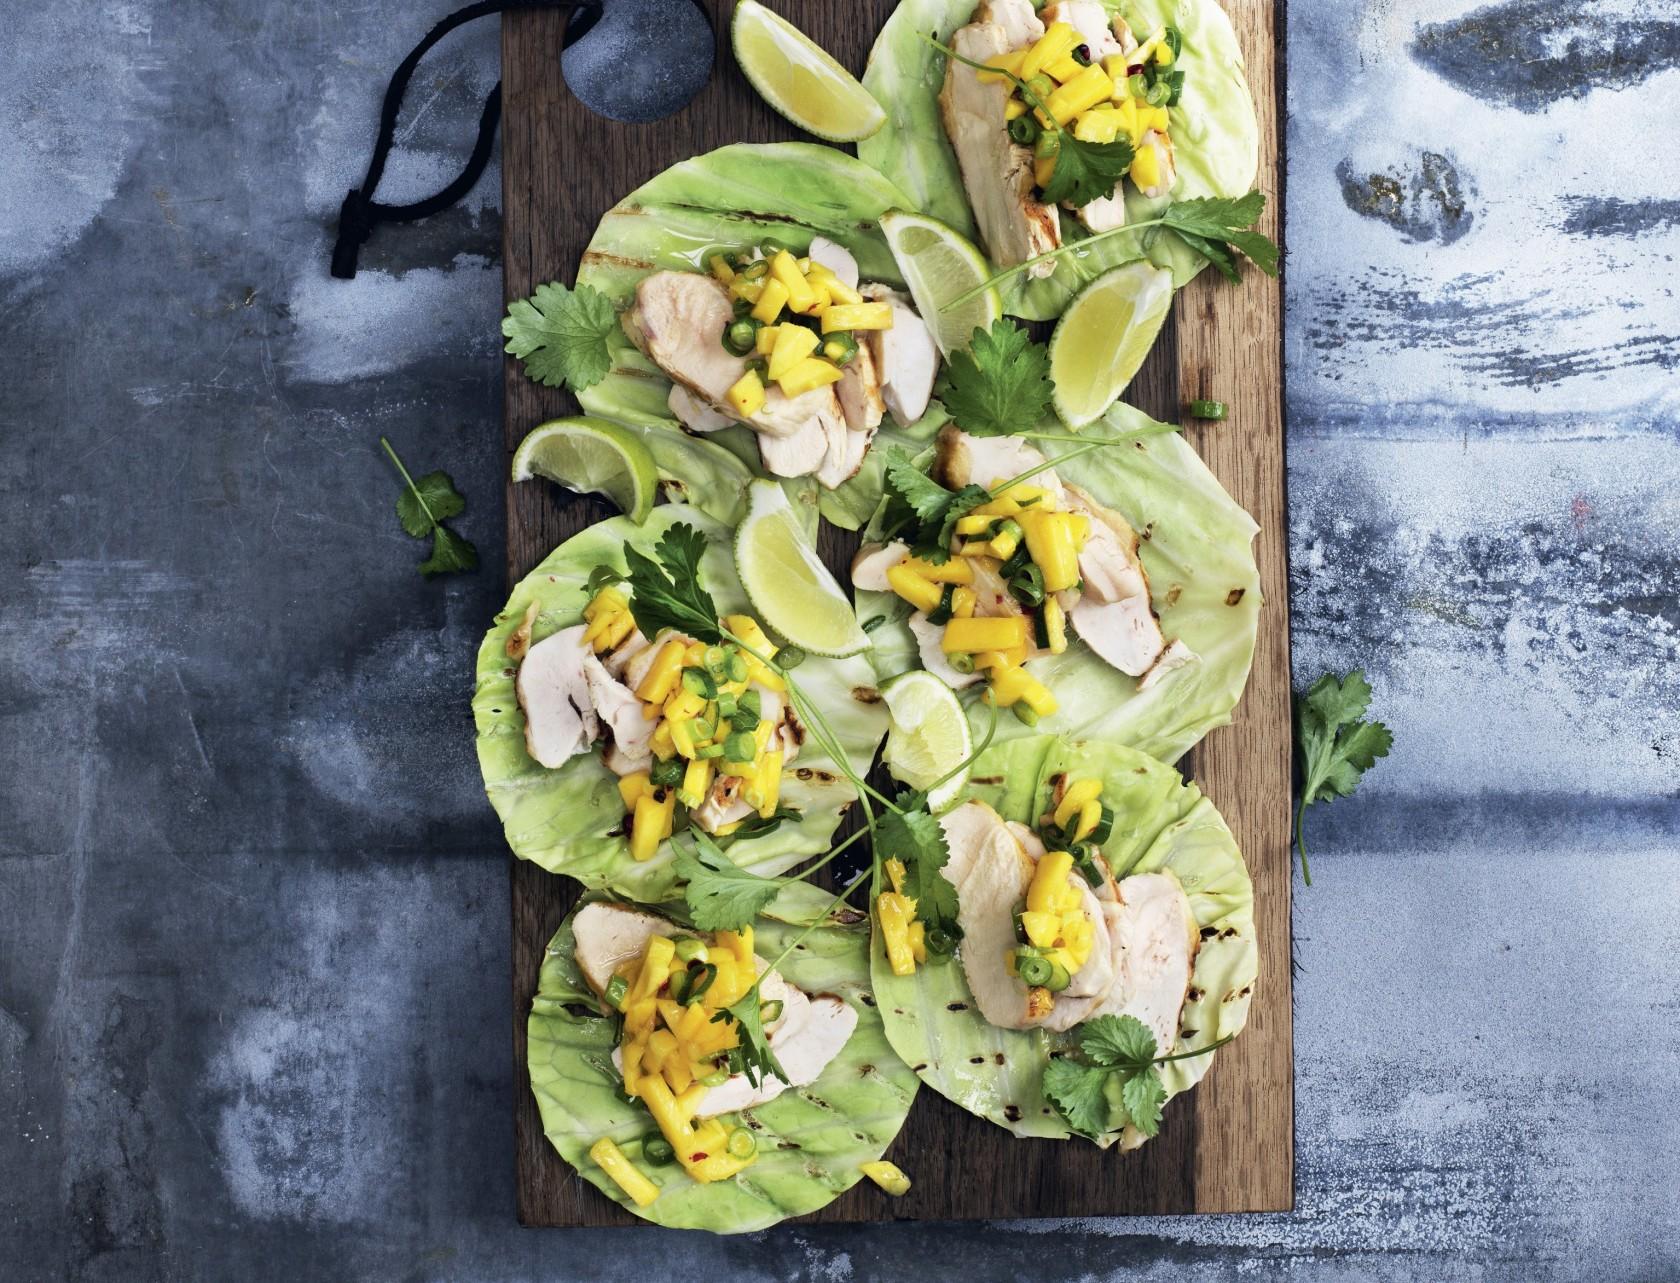 Kålwraps med kylling og mangosalsa - sund og lækker opskrift.